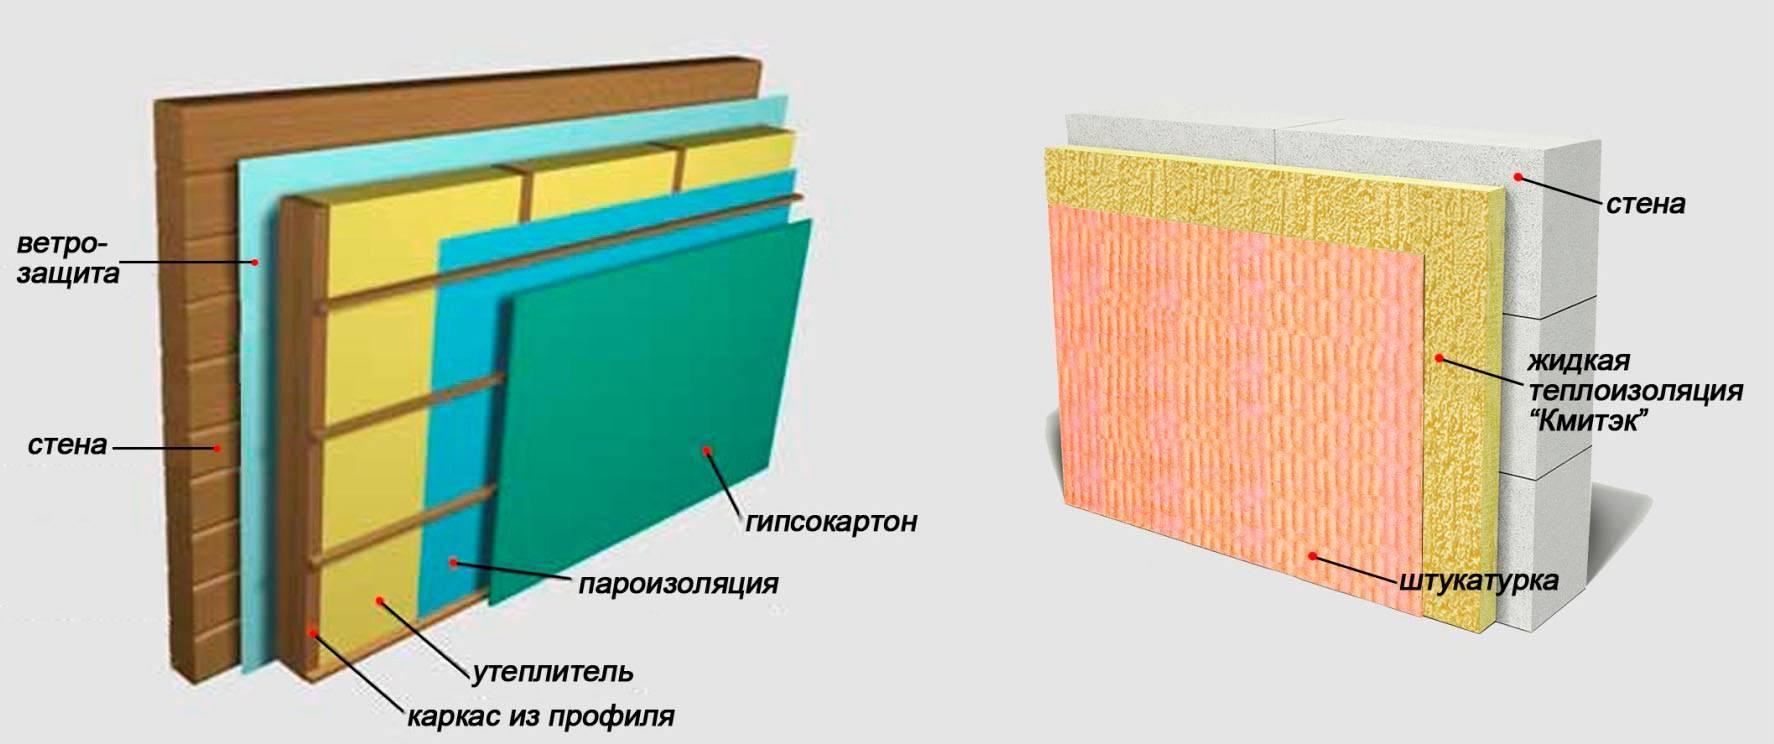 Жидкая теплоизоляция — выбор материала для утепления изнутри и снаружи